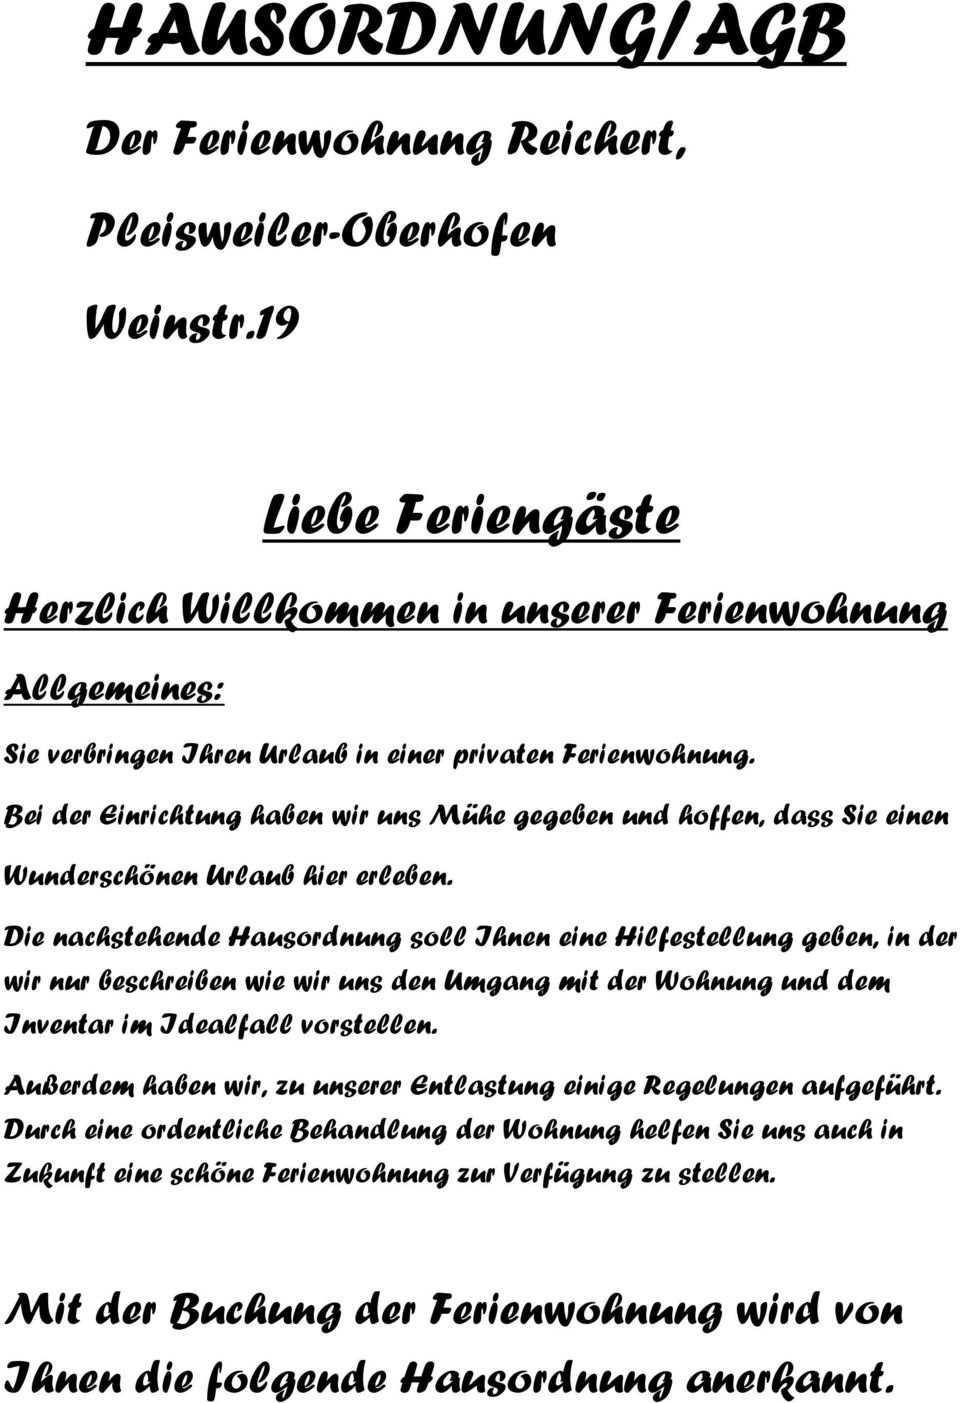 Hausordnung Agb Der Ferienwohnung Reichert Pleisweiler Oberhofen Weinstr 19 Liebe Feriengaste Herzlich Willkommen In Unserer Ferienwohnung Pdf Kostenfreier Download